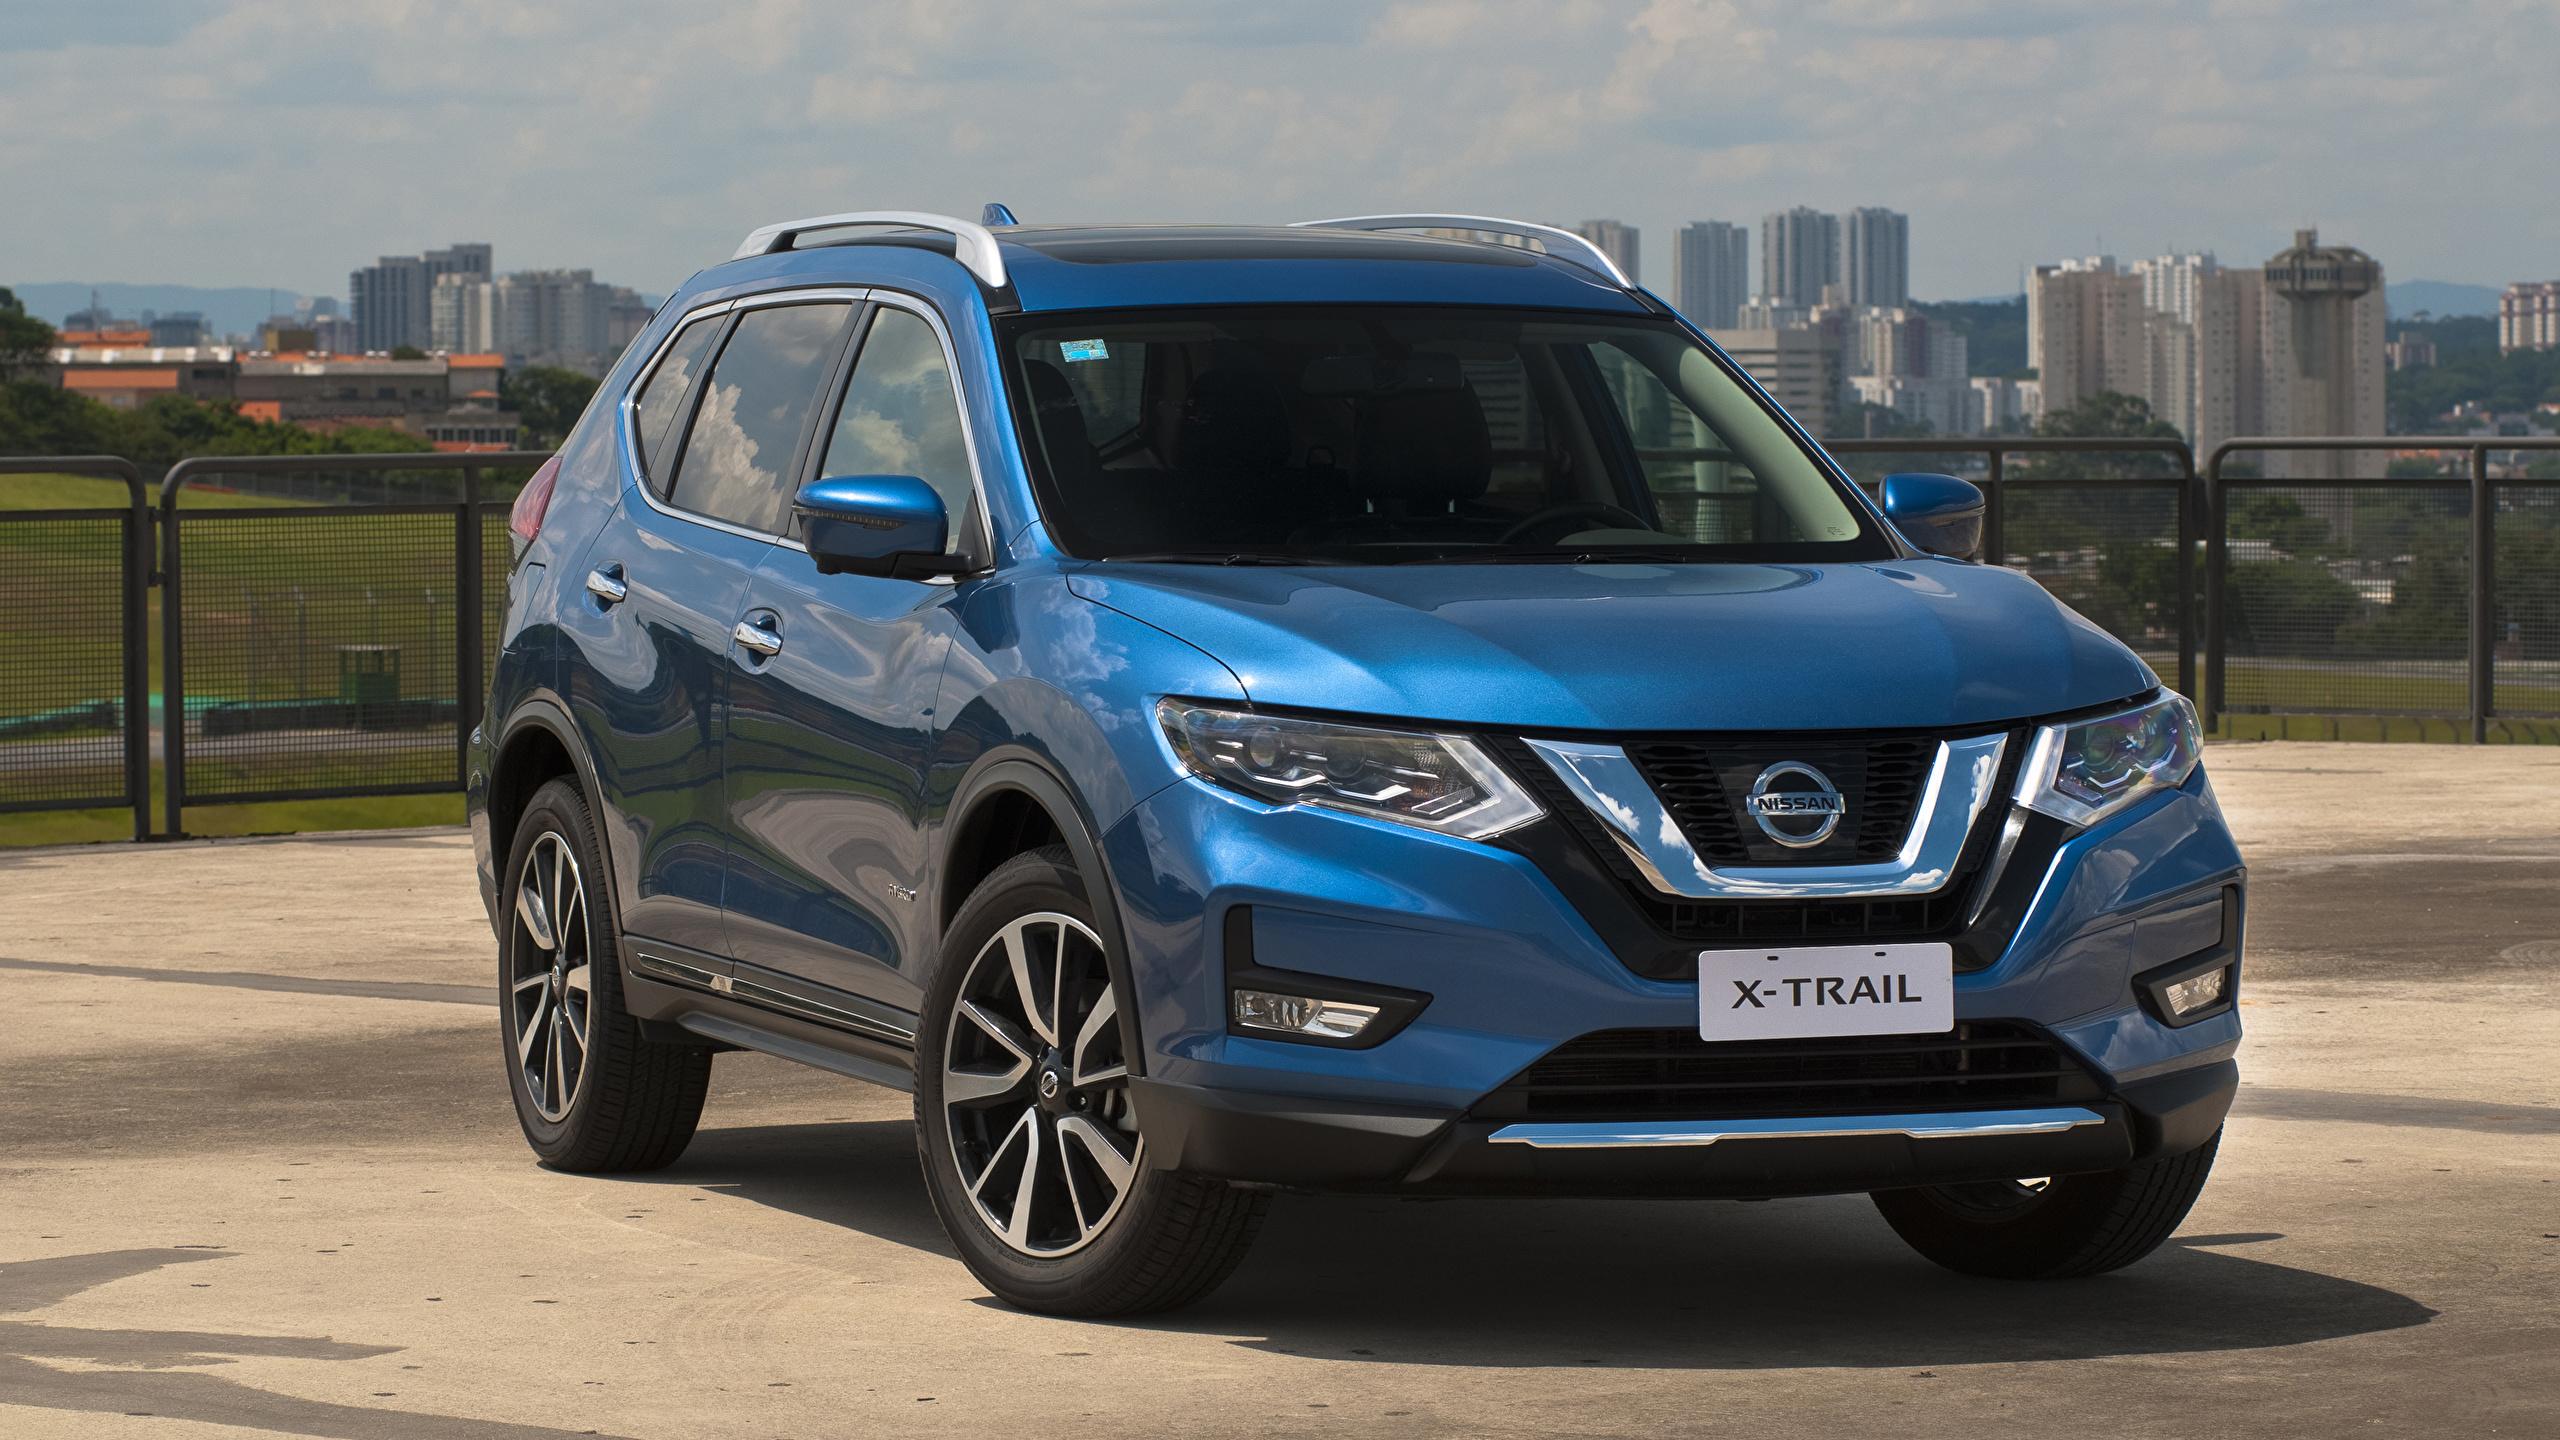 Обои Nissan 2019 X-Trail Hybrid Latam Гибридный автомобиль голубая авто 2560x1440 Ниссан голубых голубые Голубой машина машины автомобиль Автомобили